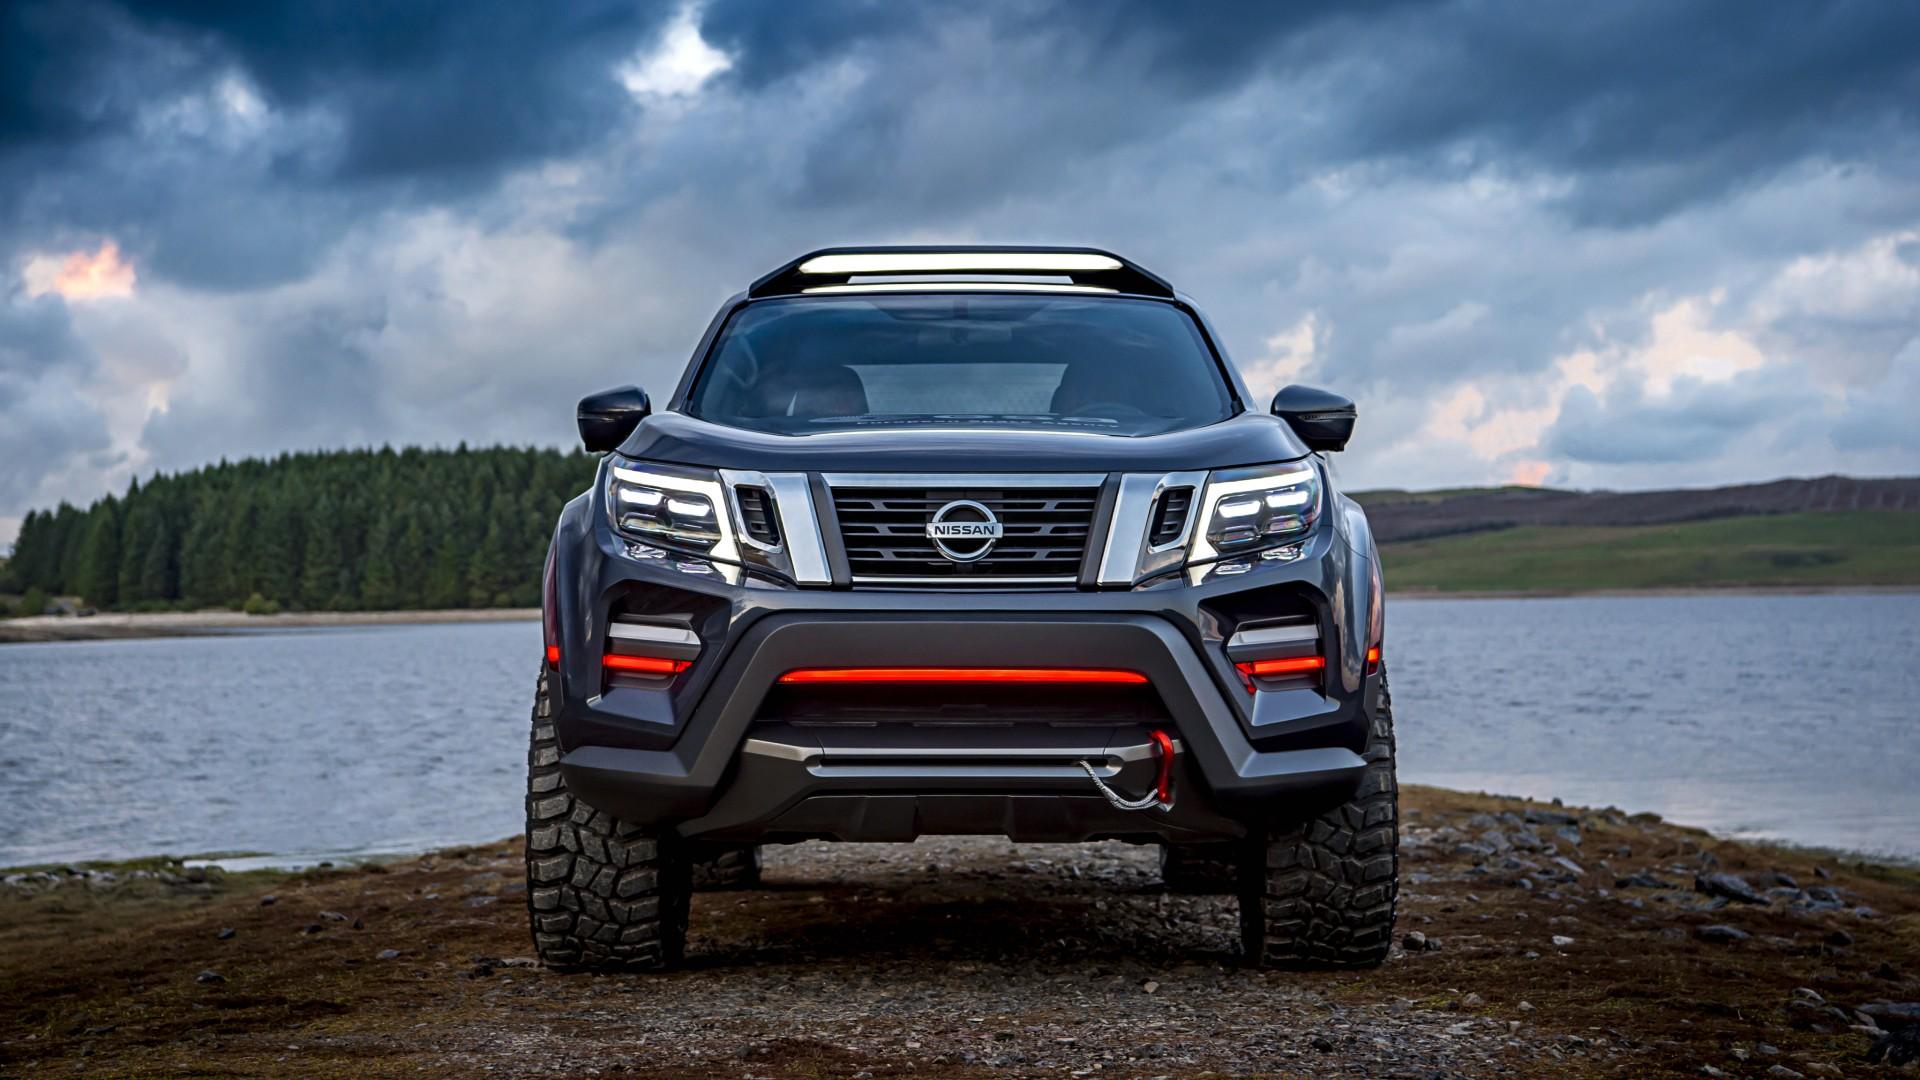 Nissan Navara Dark Sky Concept 2018 4K 2 Wallpaper | HD ...